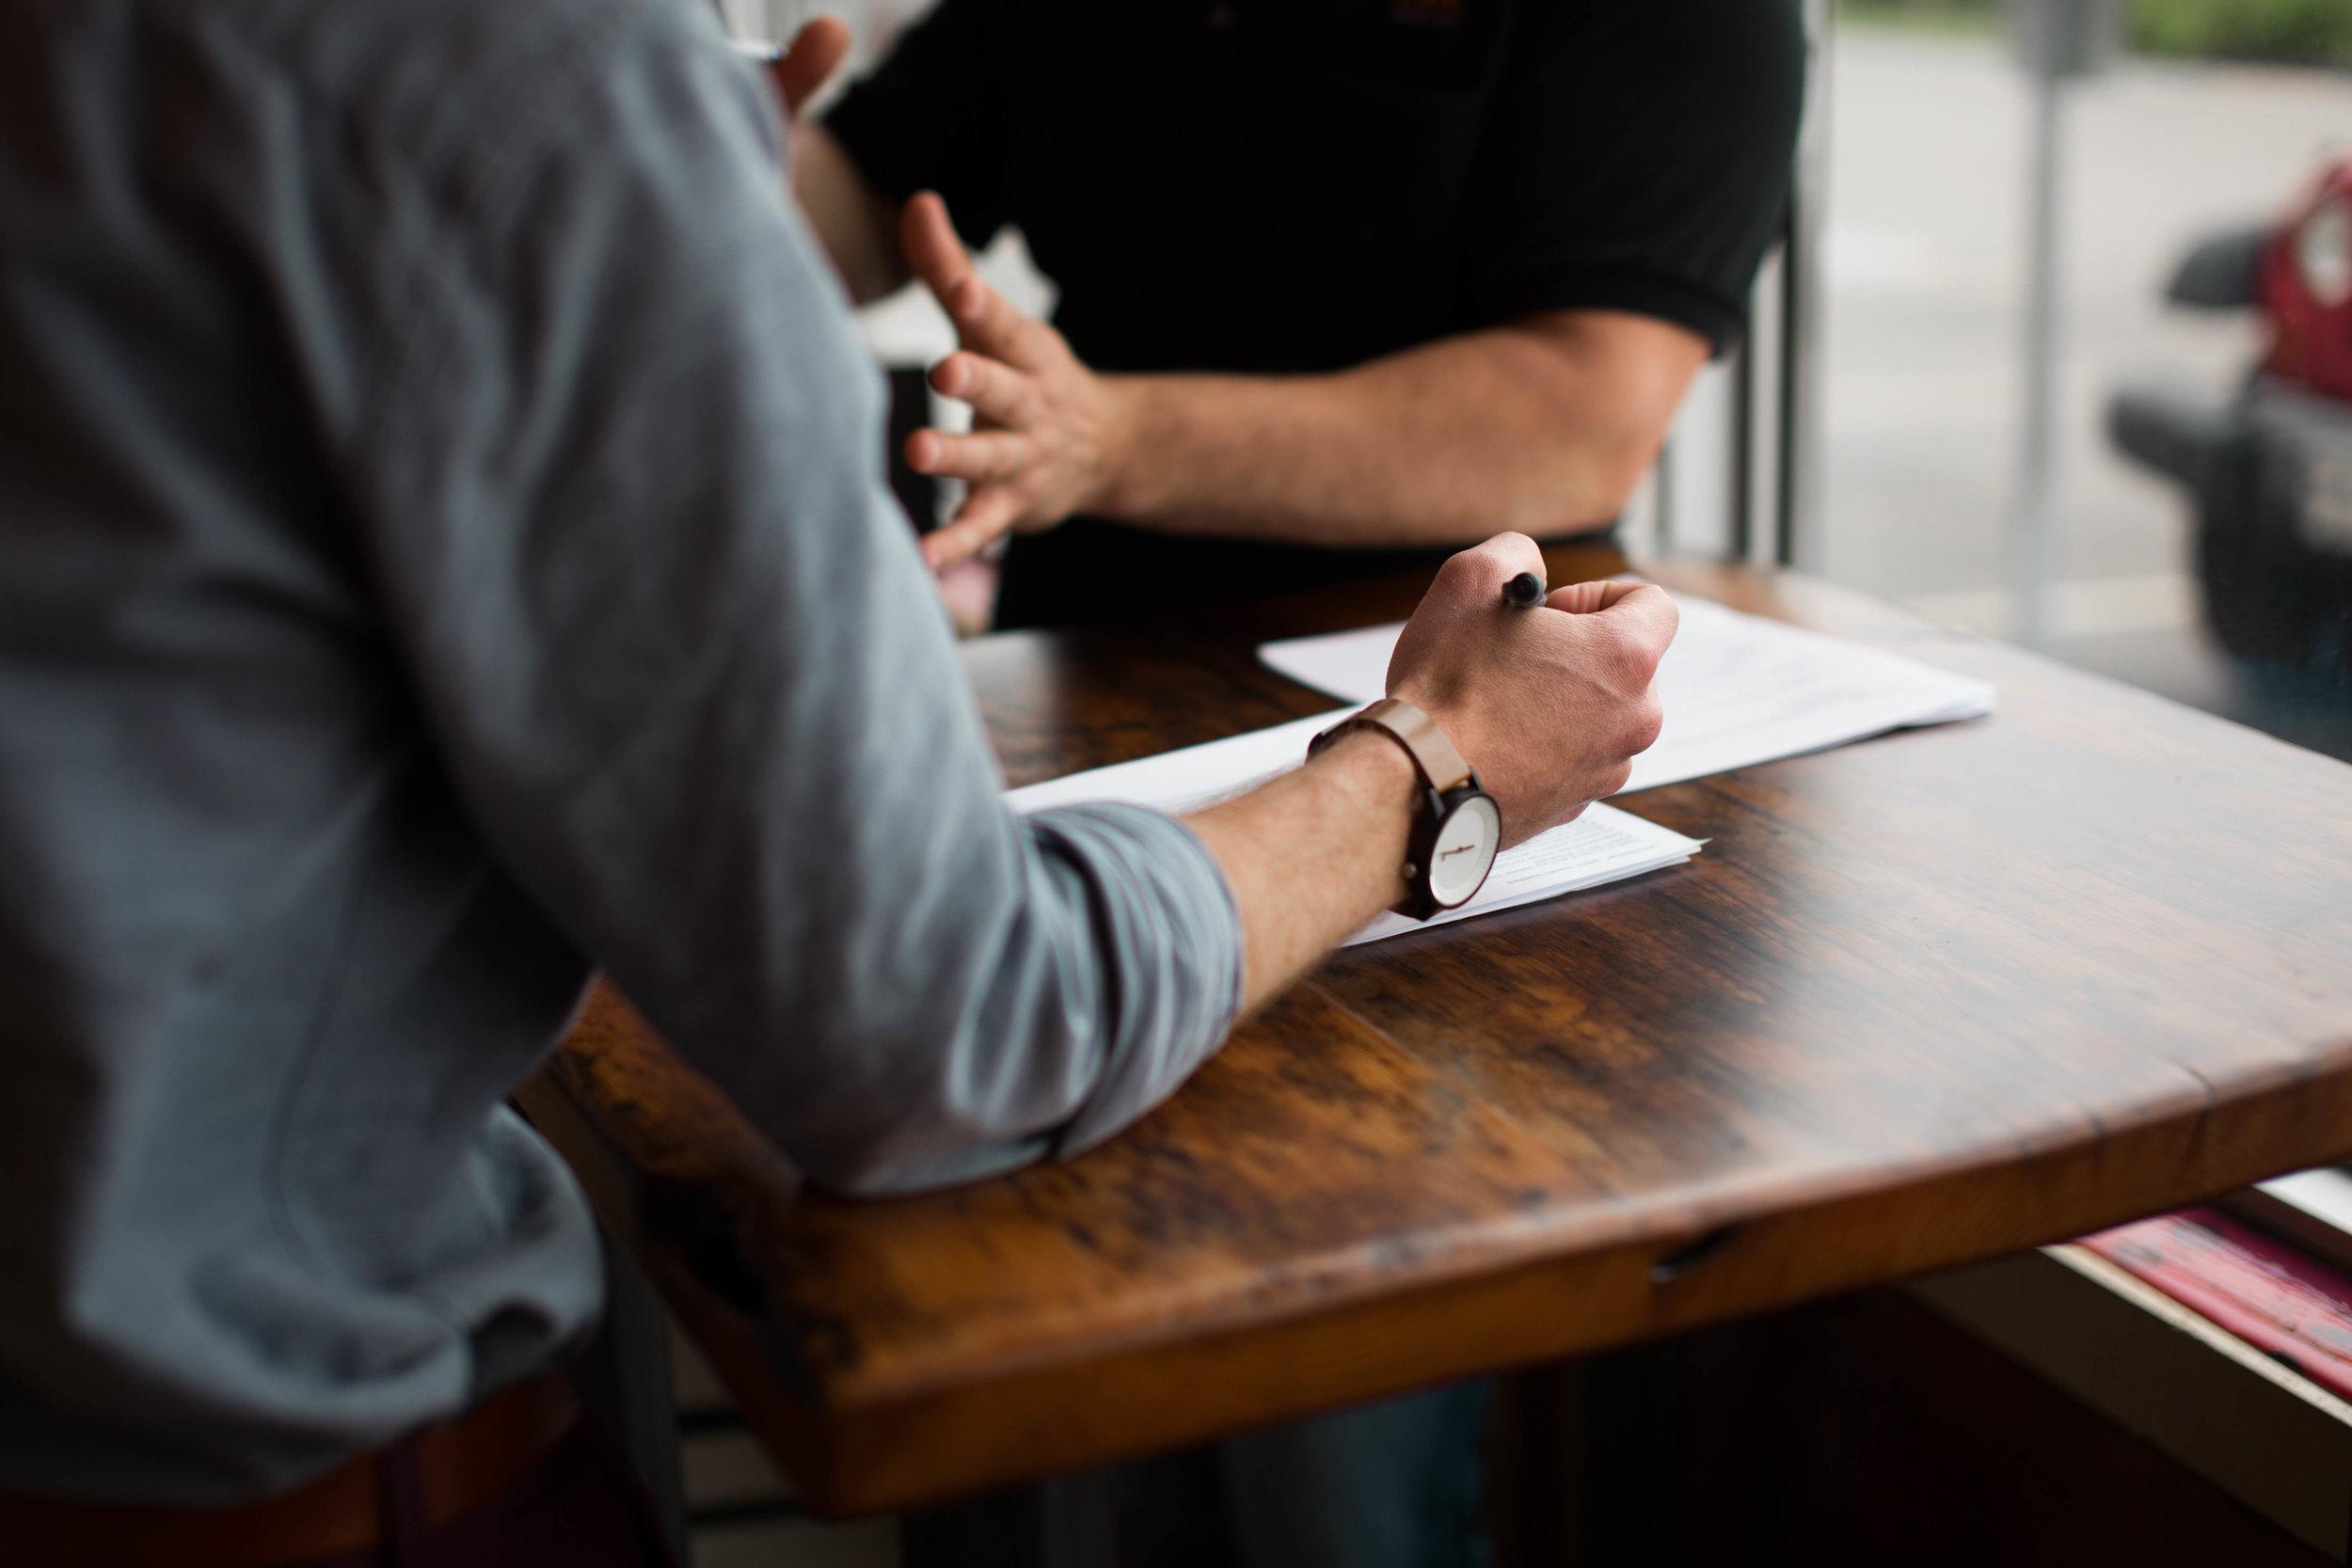 Lönetjänster - LönekörningarSemesteruppföljningAvvikelser av lönerRapportering av KontrolluppgifterRapport av Fora och CollectumRapport av lönestatistik efter behov och förfråganArbetsrättslig administration, Anställningsavtal, avslut av anställning